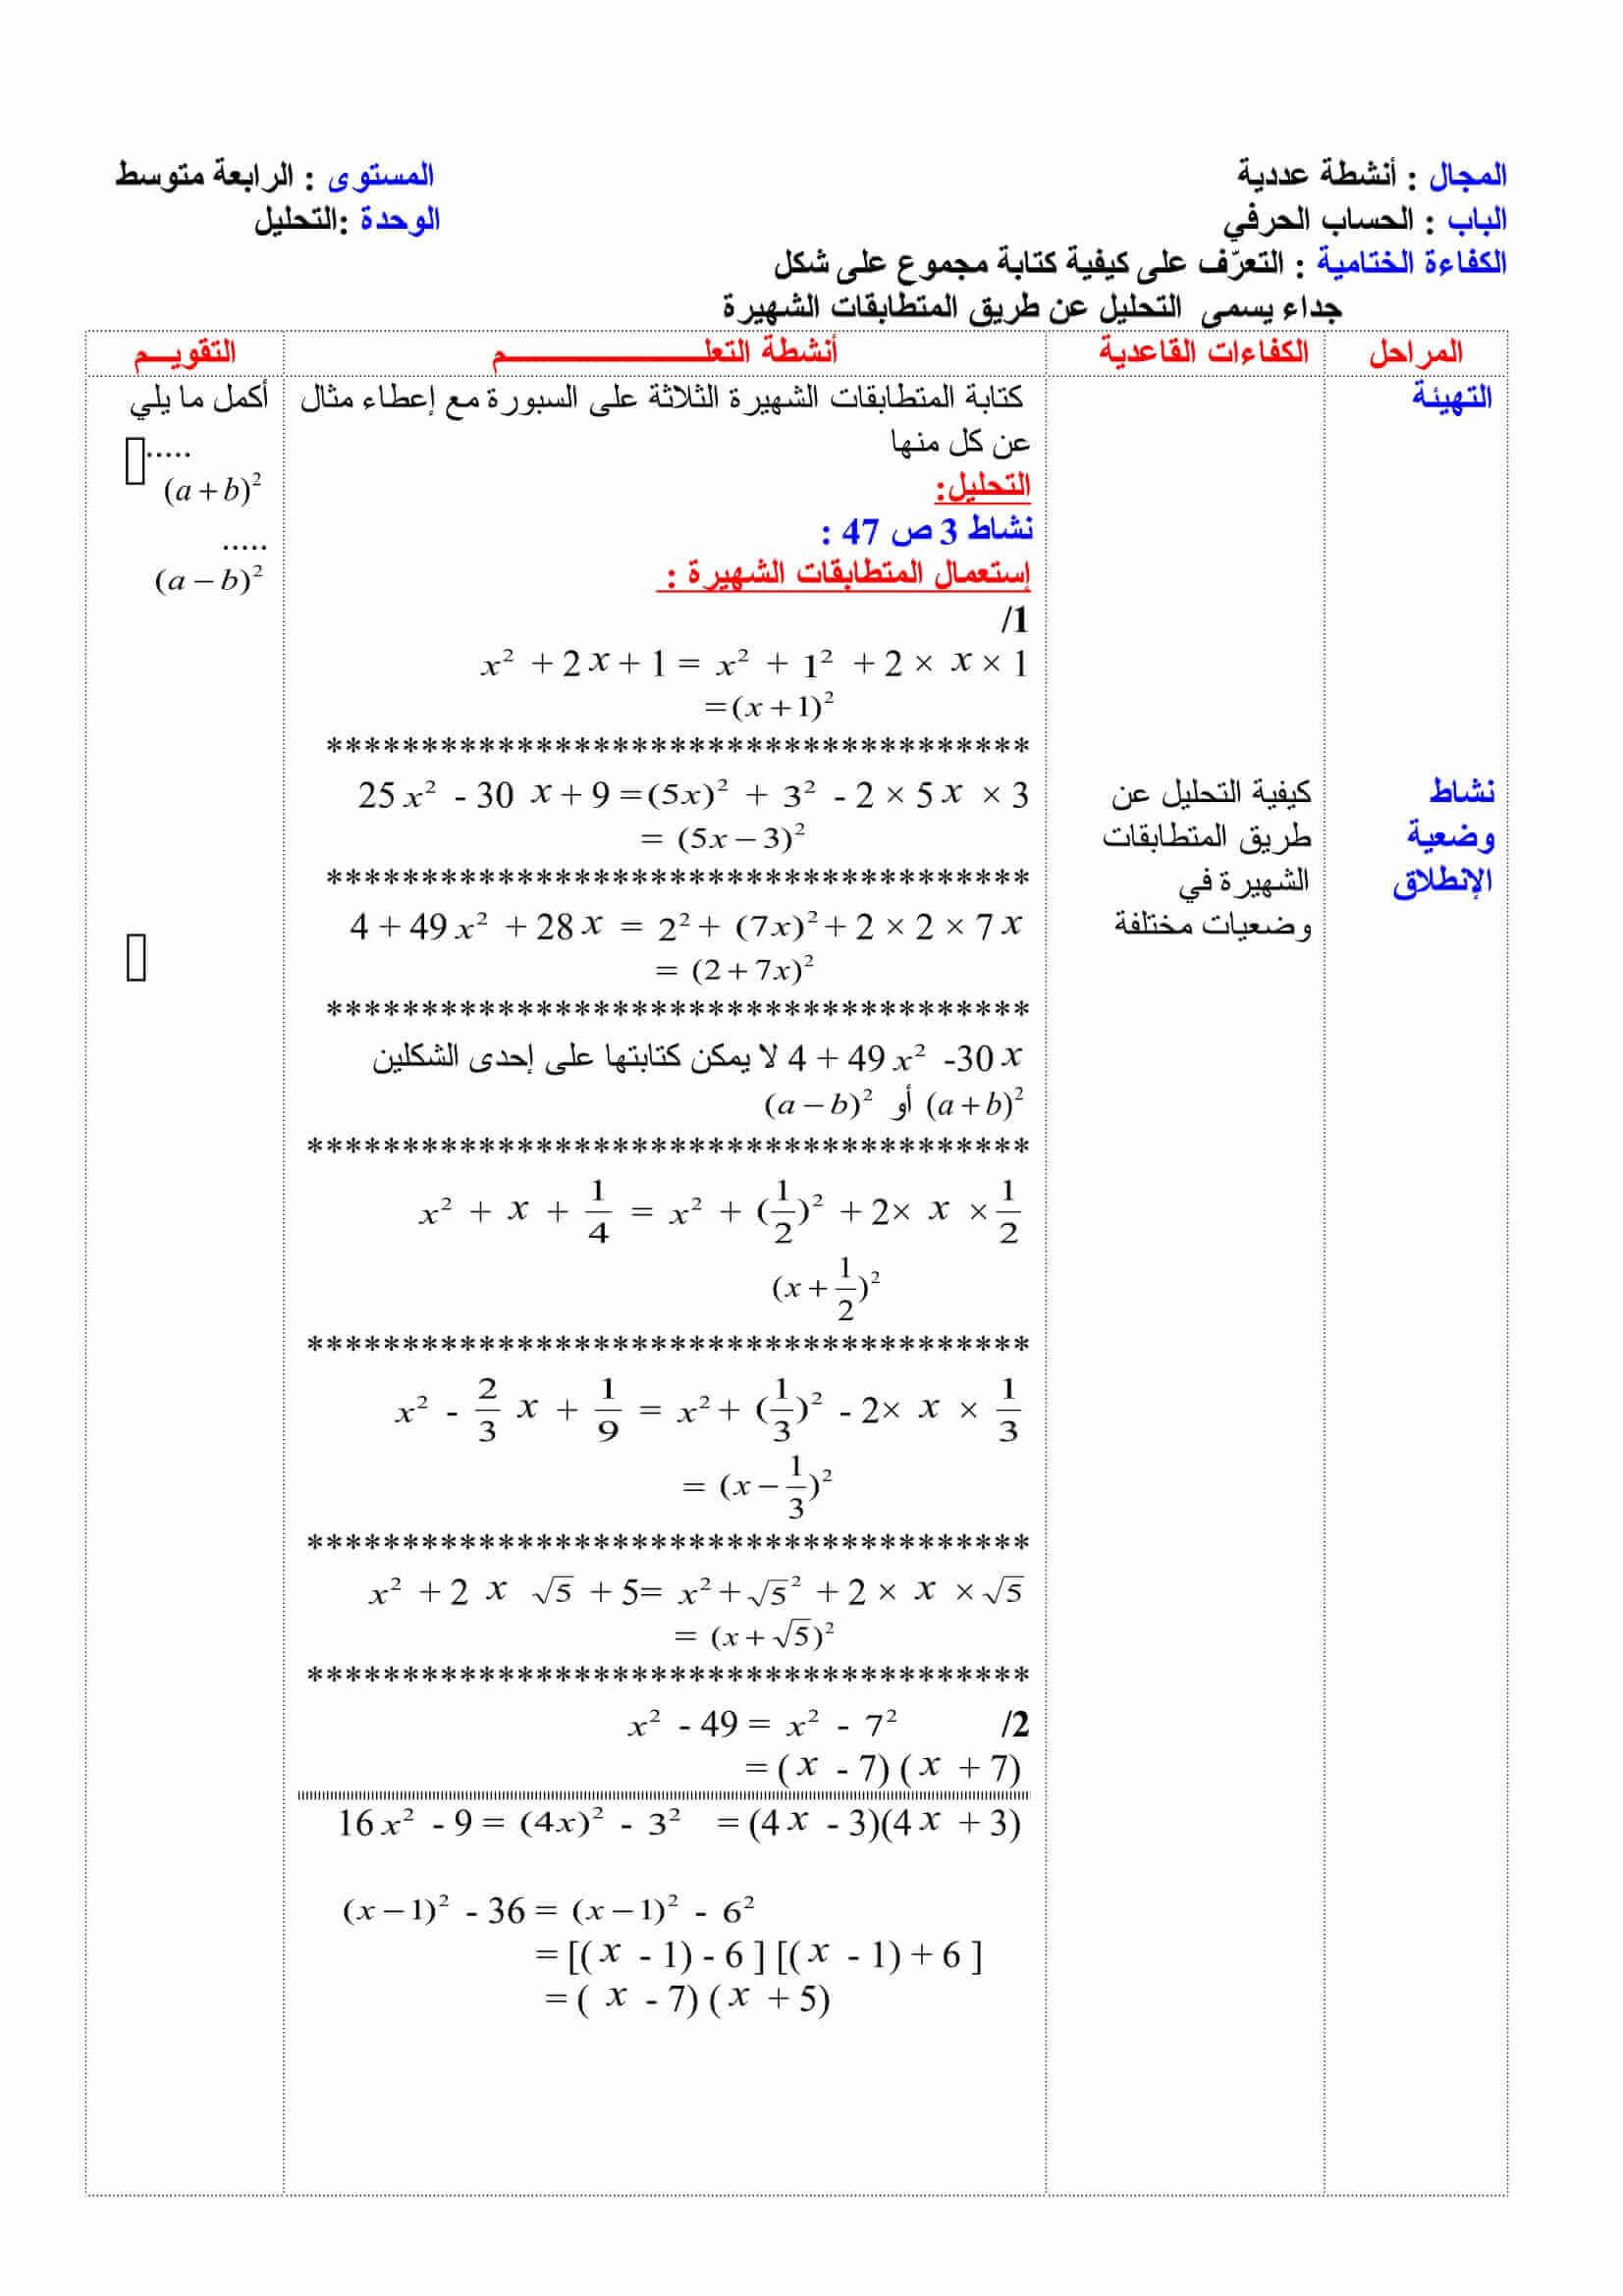 حلول تمارين كتاب الانجليزية للسنة الثانية ثانوي pdf